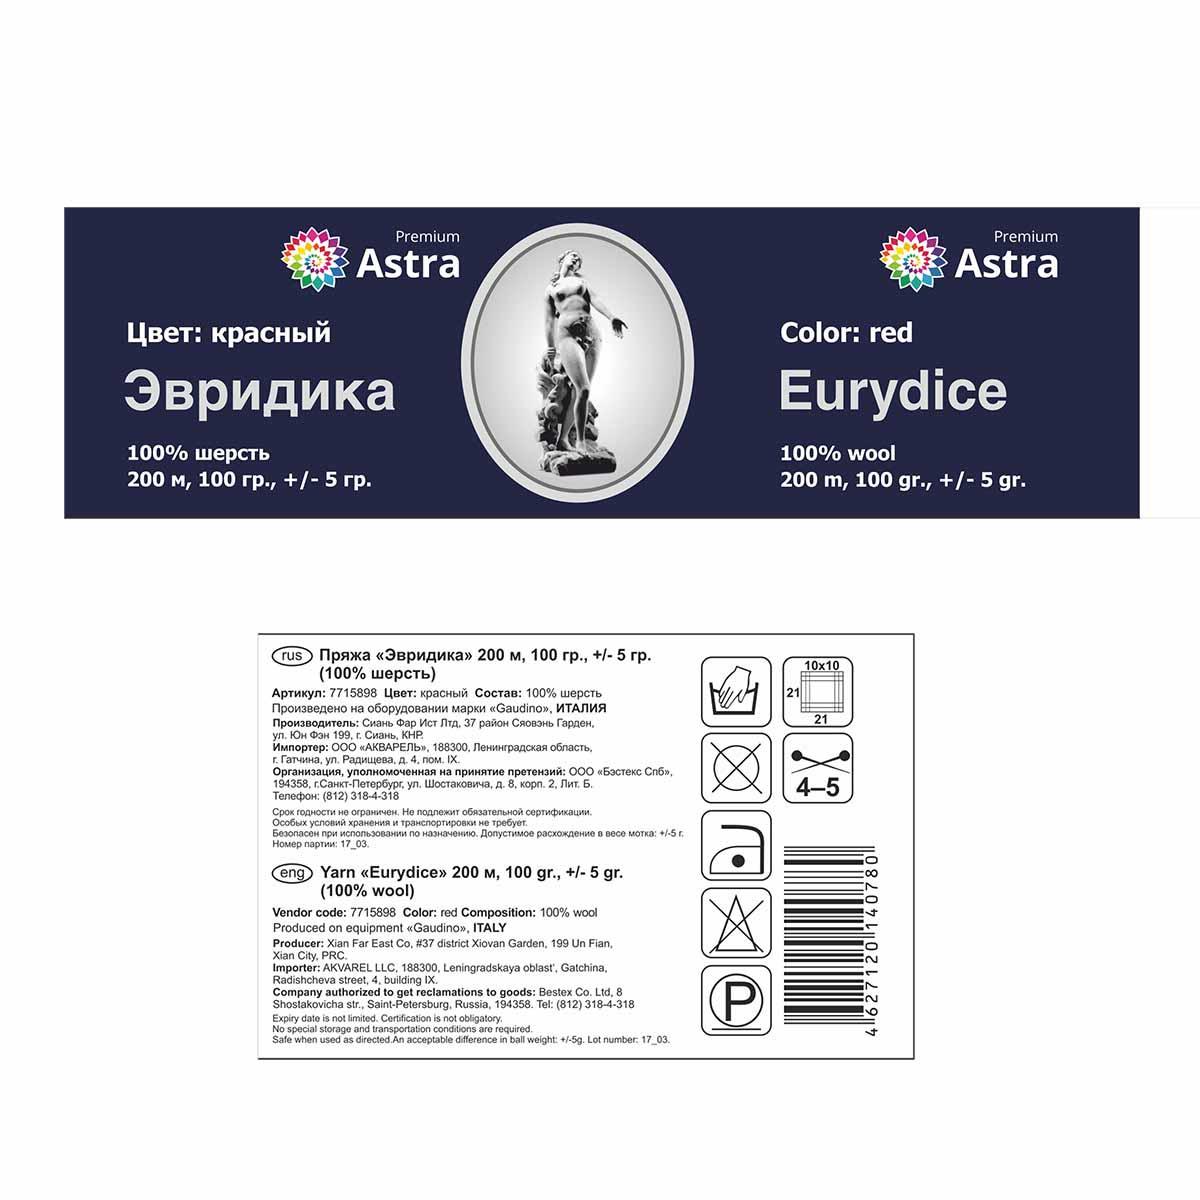 Пряжа Astra Premium 'Эвридика' 100гр. 200м (100% шерсть)